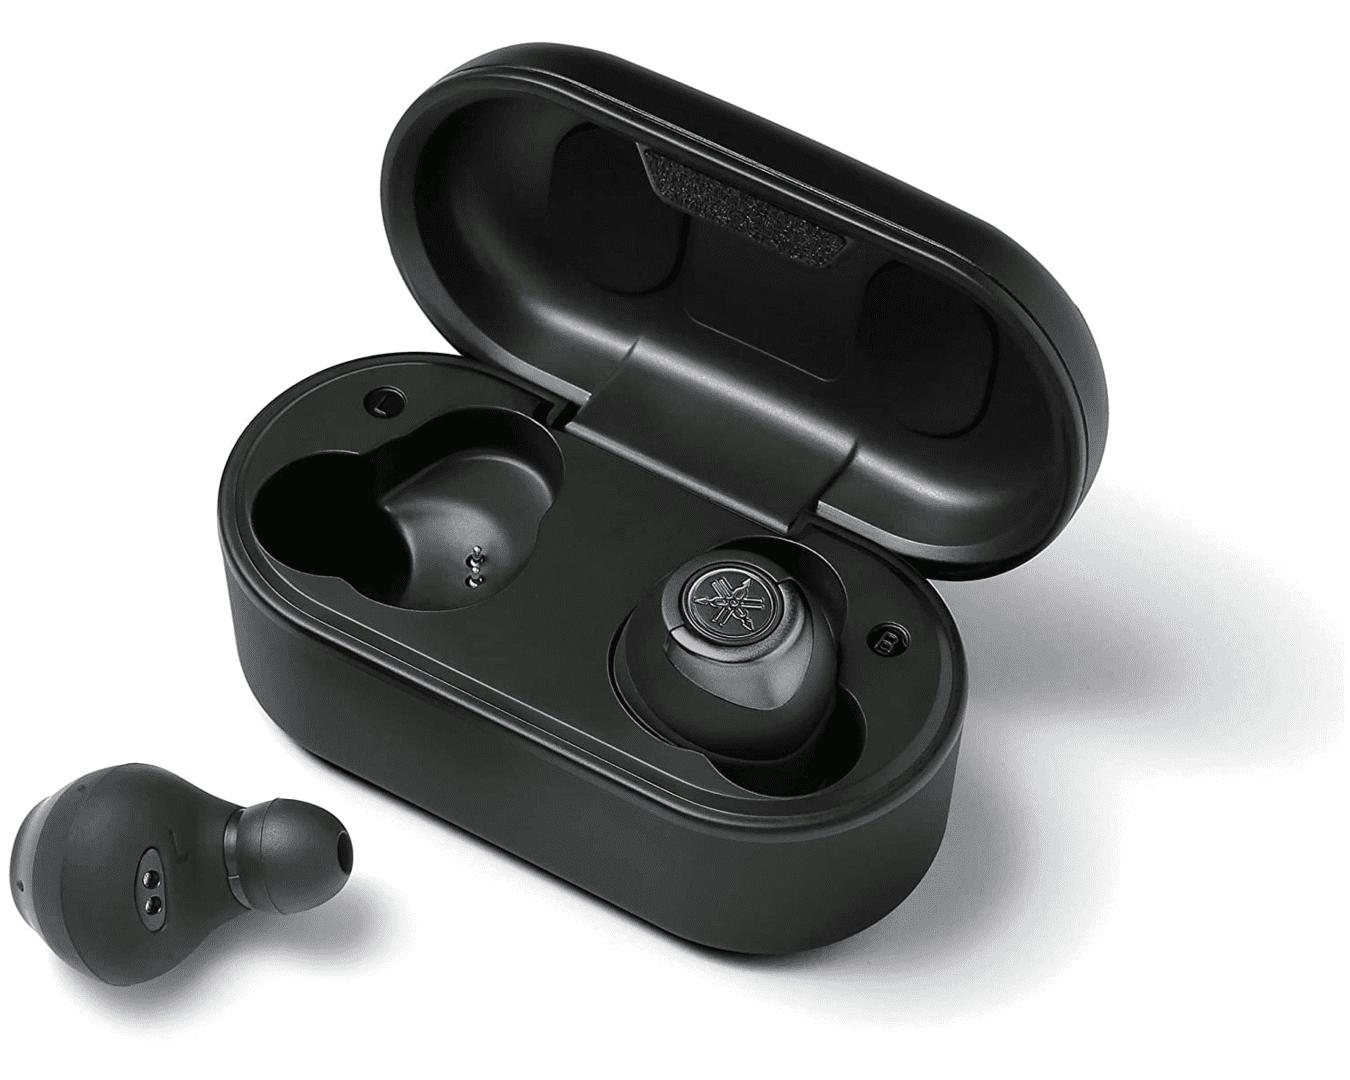 【ヤマハ完全ワイヤレスイヤホンTW-E7Aレビュー】アクティブノイキャン搭載のヤマハTWS最上位モデル!外音取り込み・リスニングケアなど機能充実|製品の公式画像